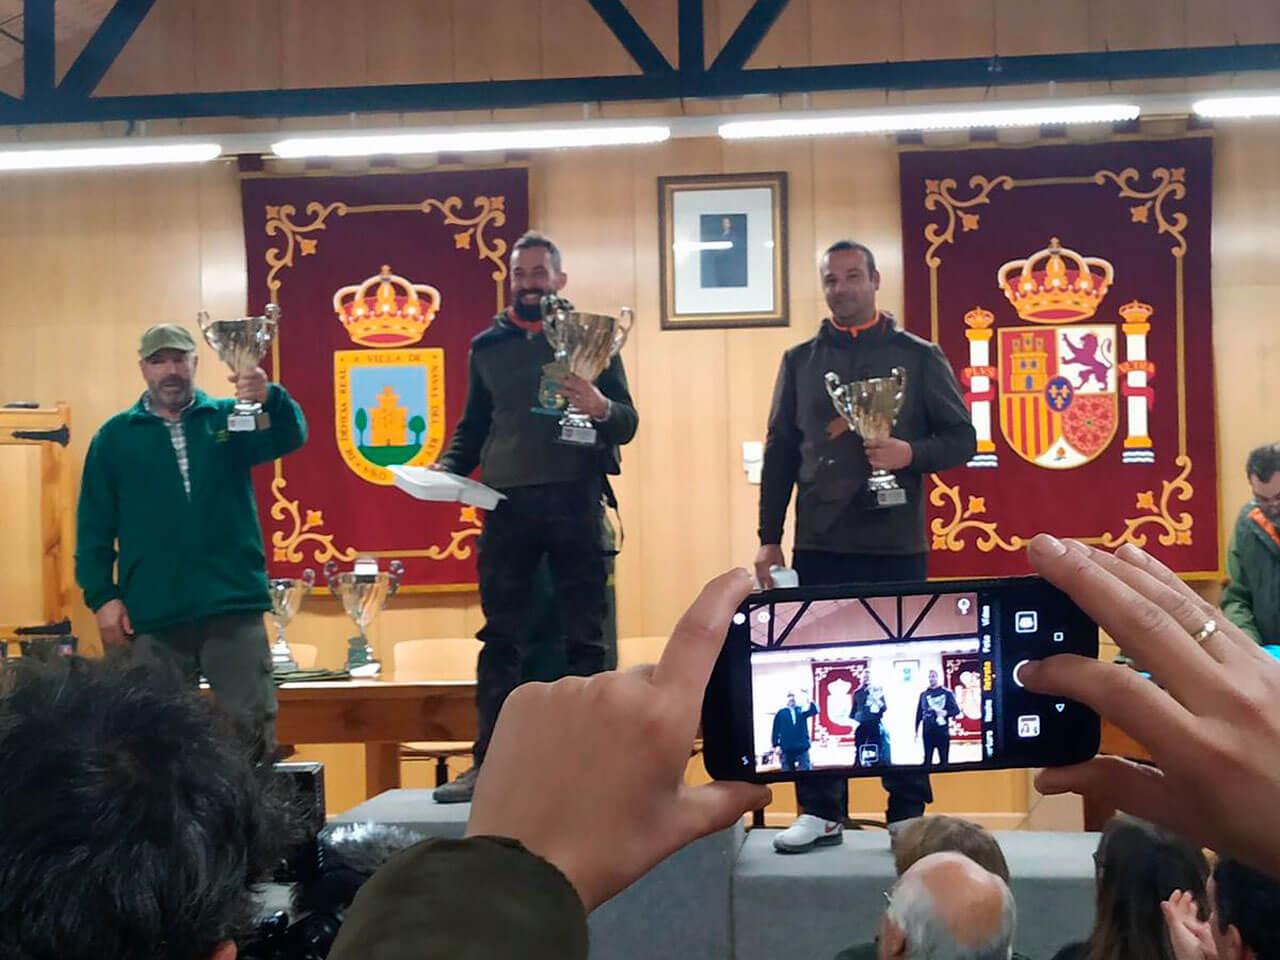 Los campeones de la Copa Presidente, modalidad Brazo Tornado, de izquierda a derecha, D. Antonio Martínez Jiménez, Tercer Clasificado, D. Antonio Martínez  Carrero, Campeón de la prueba y D. Ricardo Panadero González, Subcampeón.